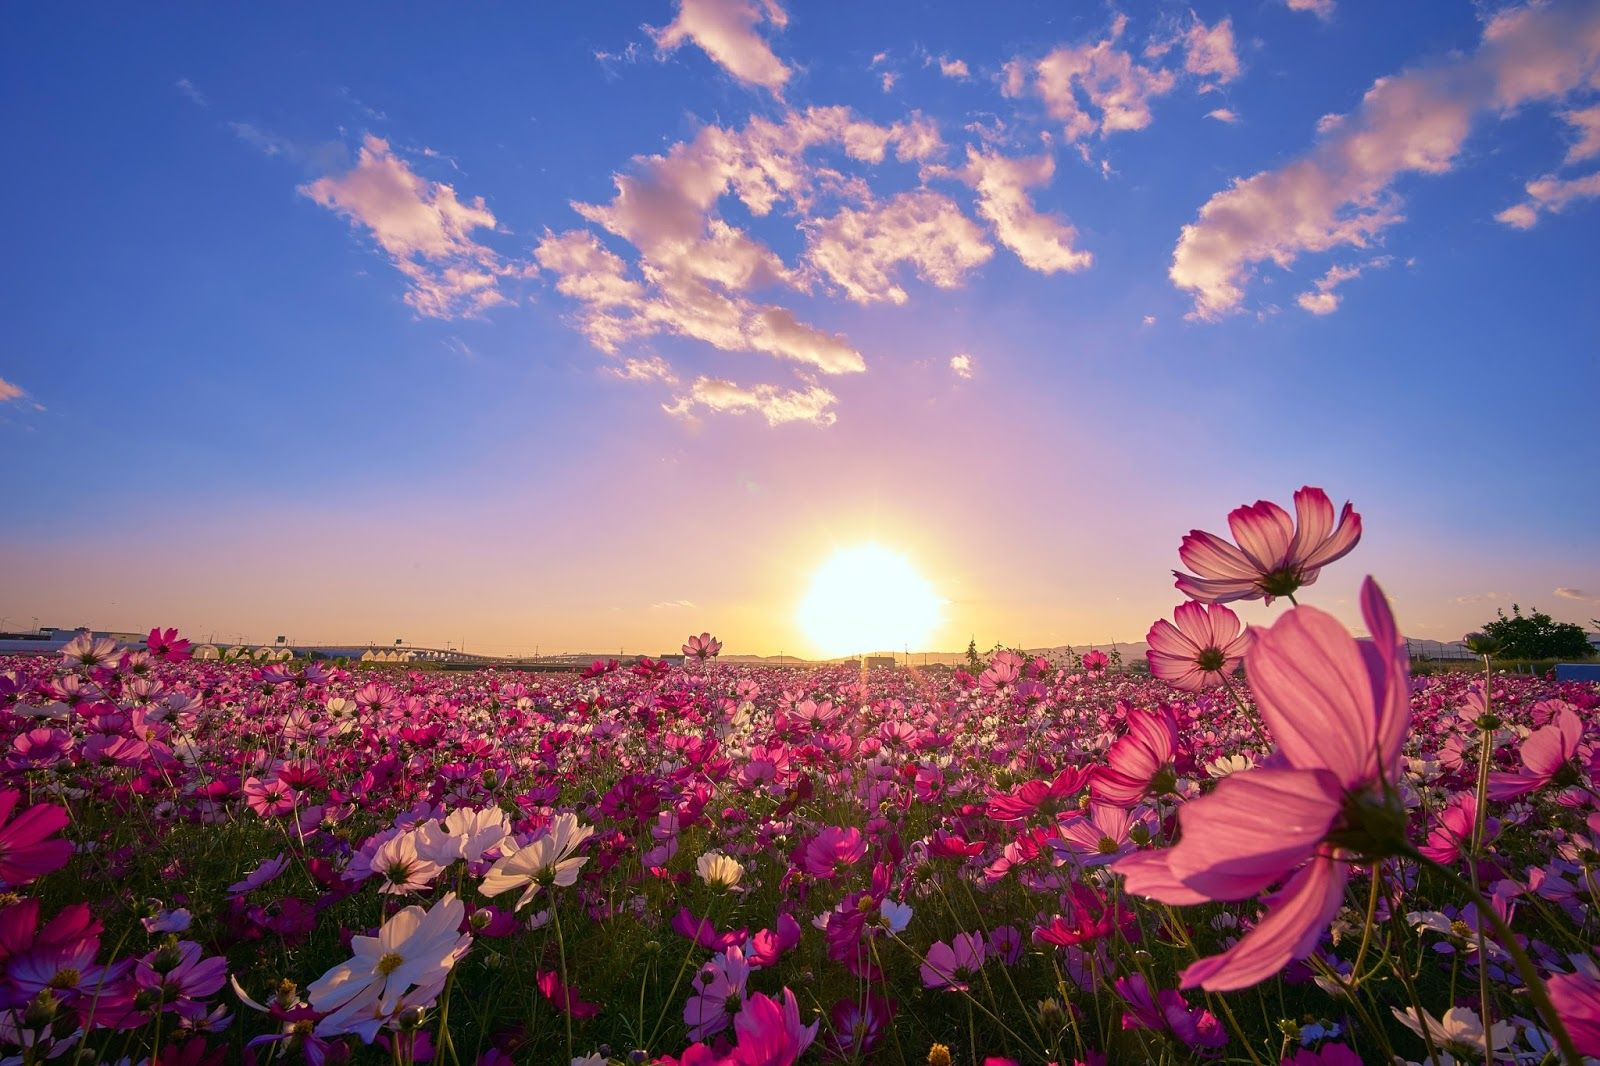 BANCO DE IMÁGENES: Hermoso campo con flores al amanecer